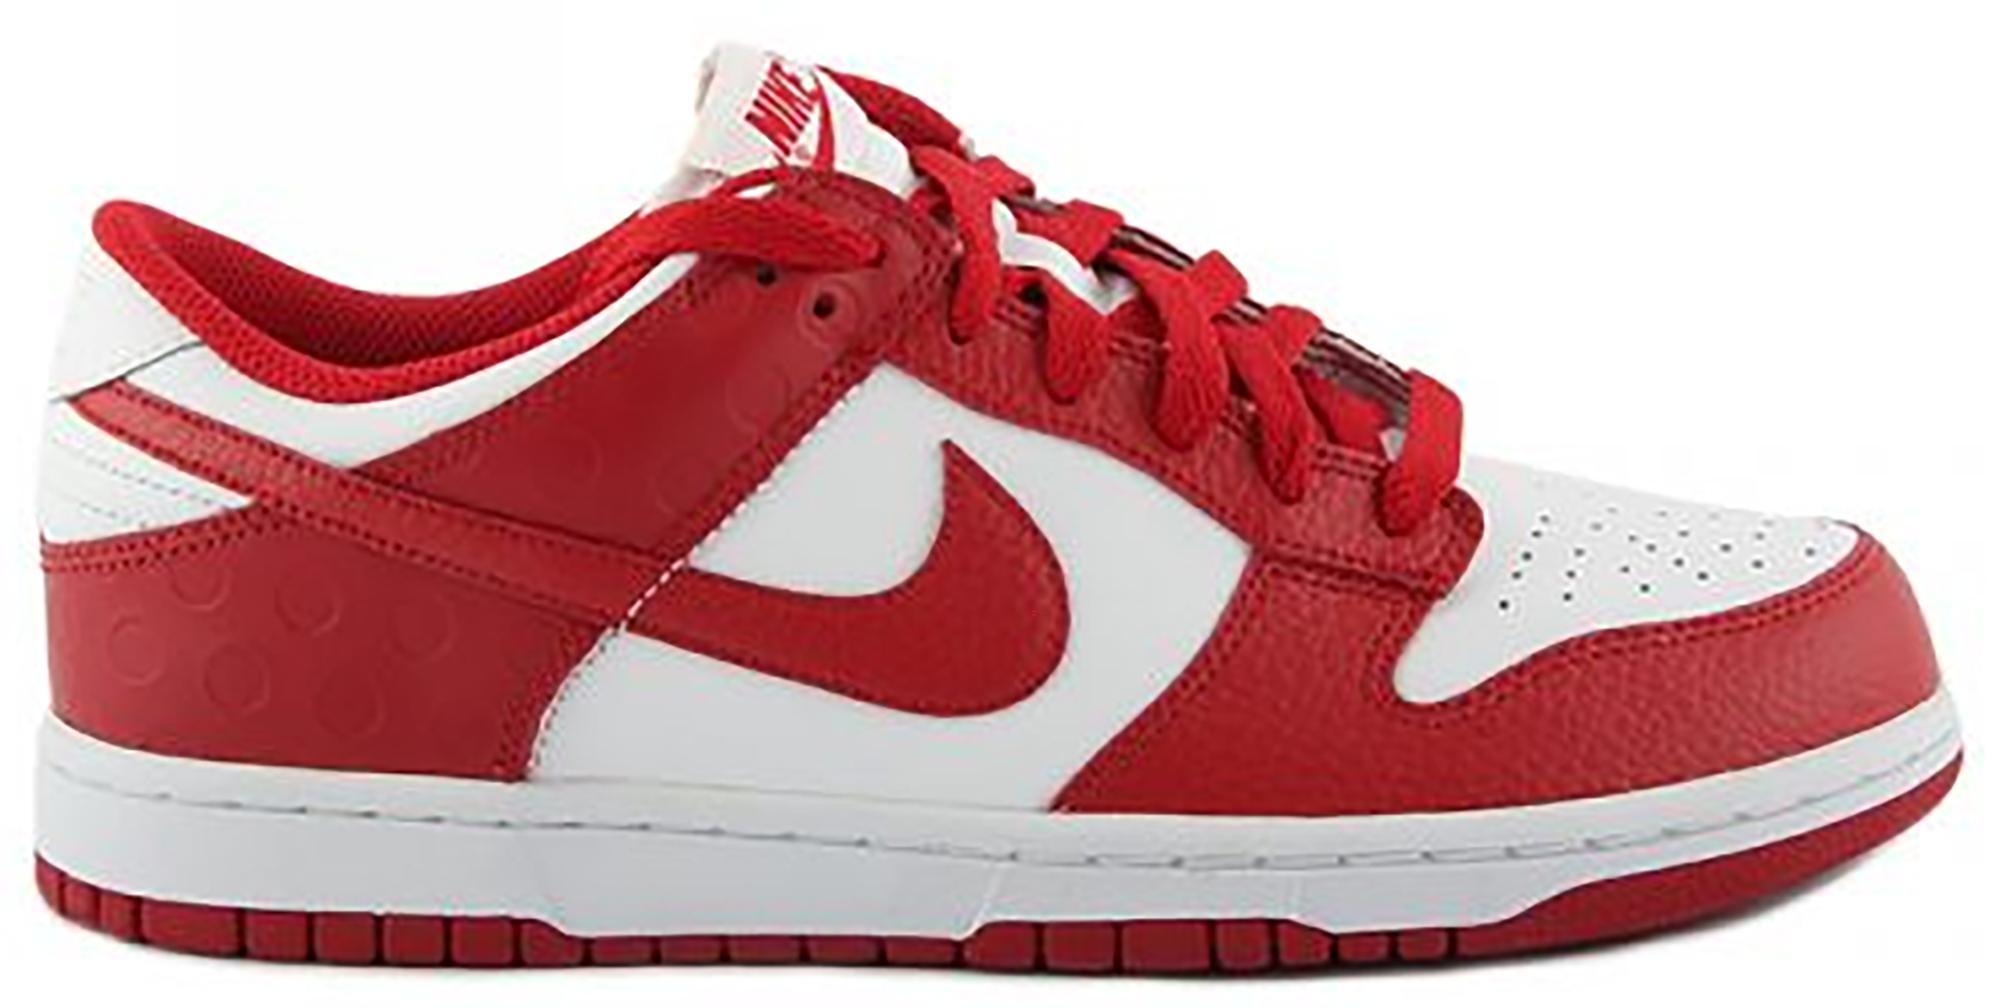 Nike Dunk Low White Varsity Red (2011